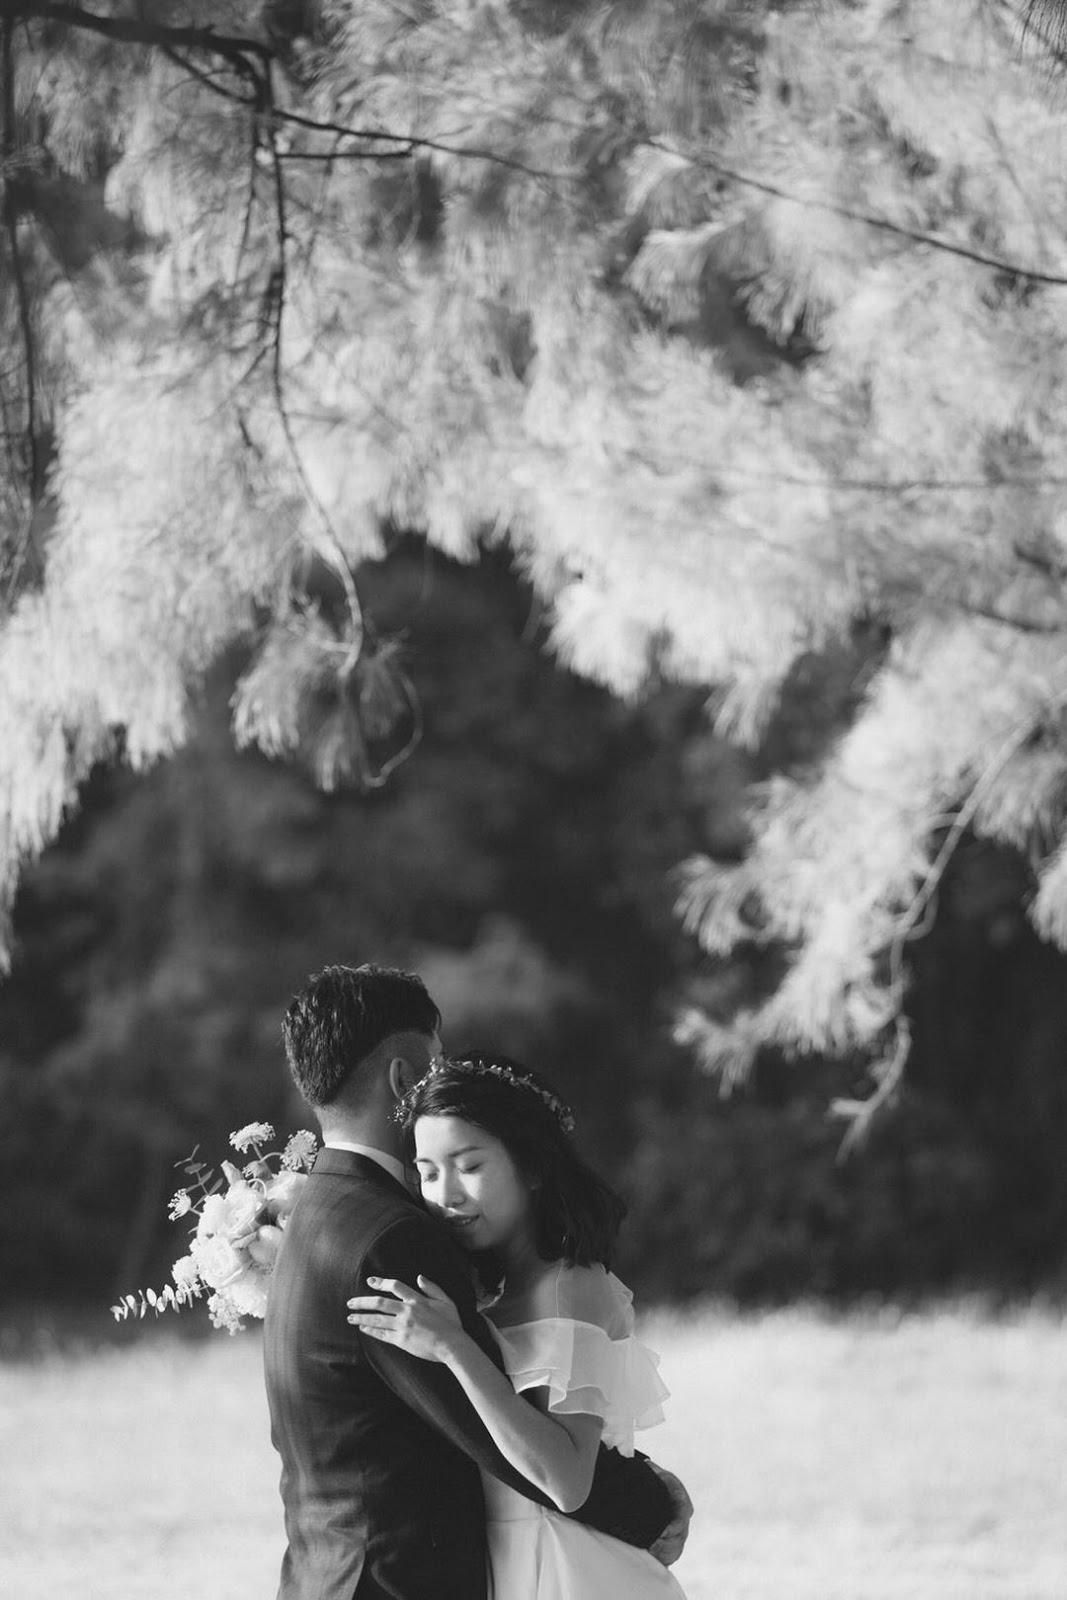 莫莉攝影 Molly Photography - 台南自助婚紗攝影 | 八田伴伴 手作禮服婚物所 - 新人婚紗照分享 / 台中婚紗禮服工作室 / 台中單租禮服 / 晚宴服租借